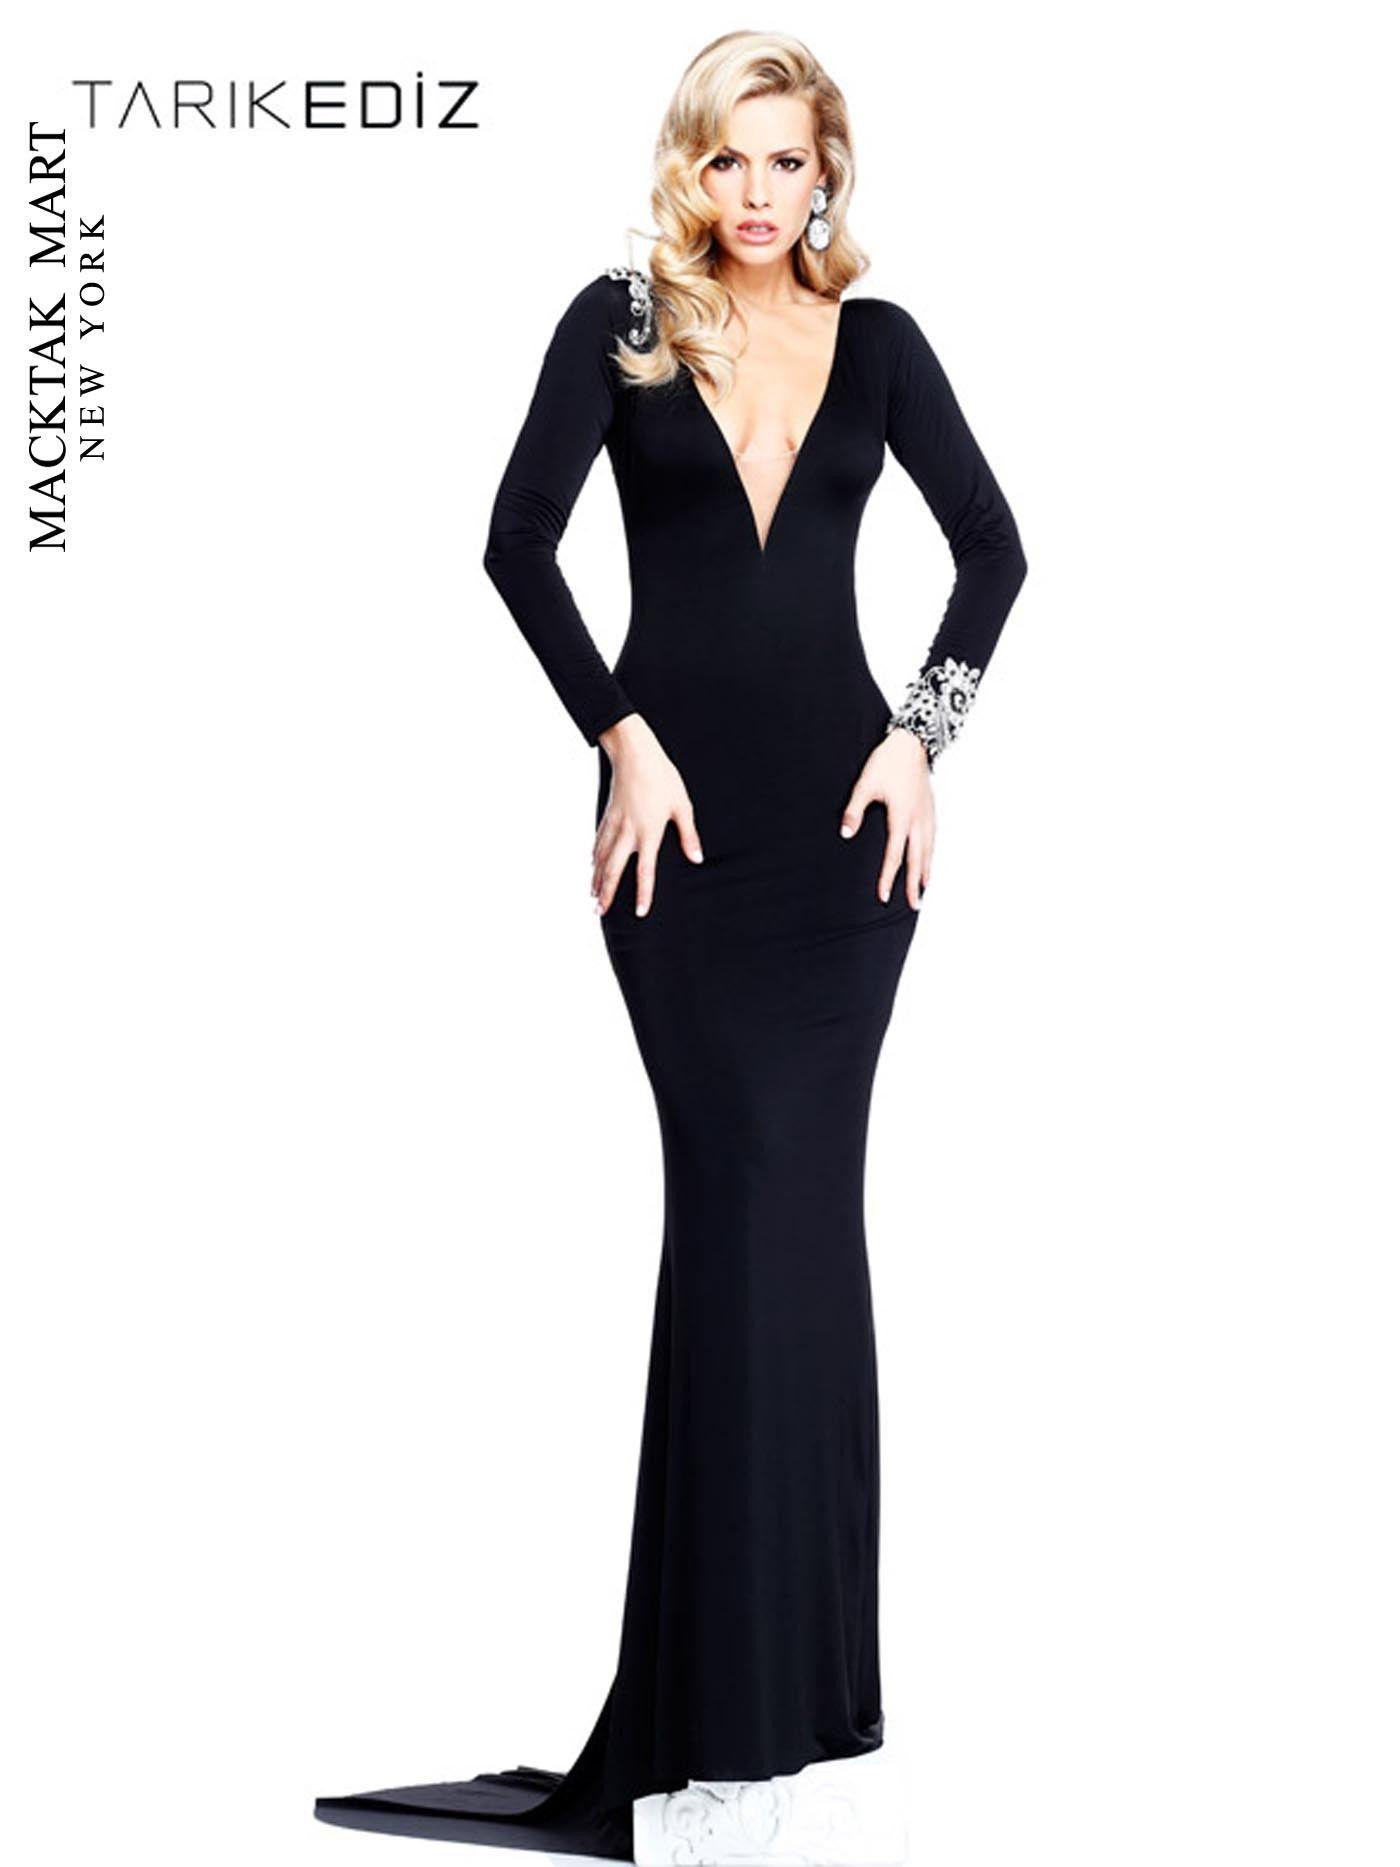 Tarik ediz dress clothes pinterest dresses